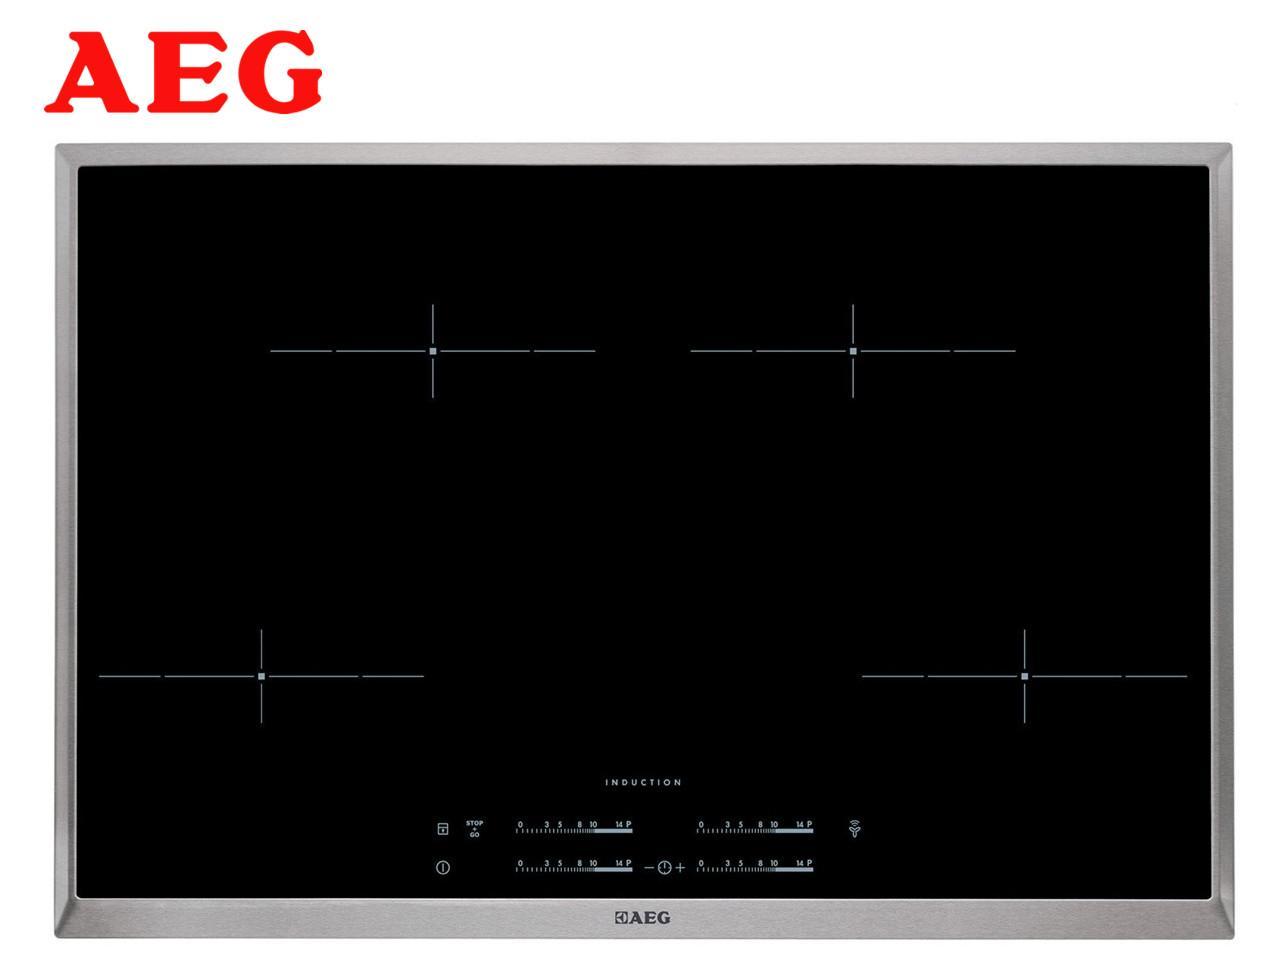 AEG HK854401XB + 400 Kč na dárky nebo další nákup | CHAT on-line podpora PO-PÁ 8-22.00!!